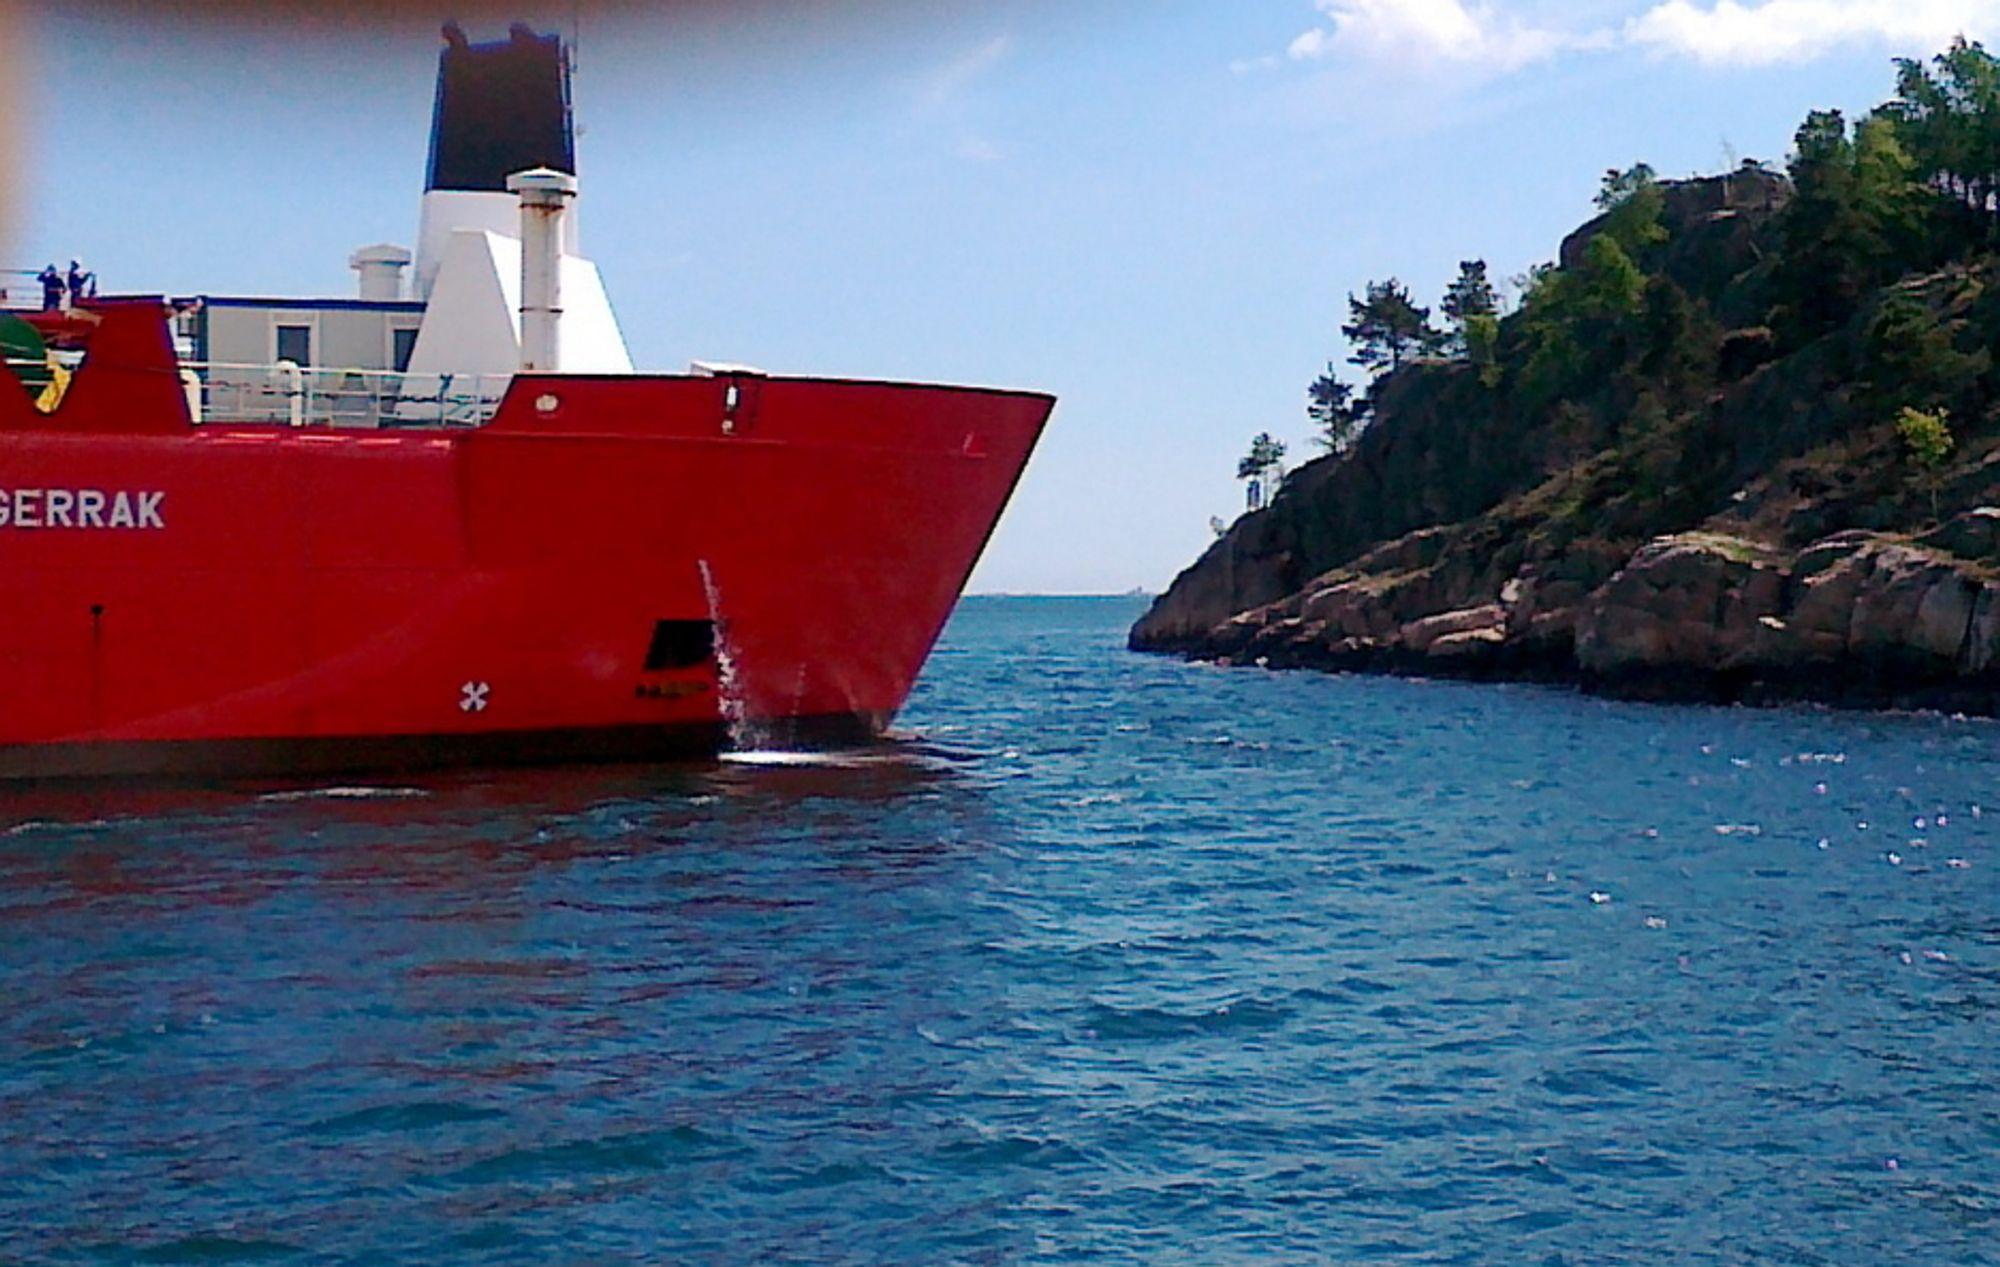 EGET SKIP: Installeringen av sjøkabelen skal gjennomføres med Nexans' eget kabelskip, C/S Nexans Skagerrak